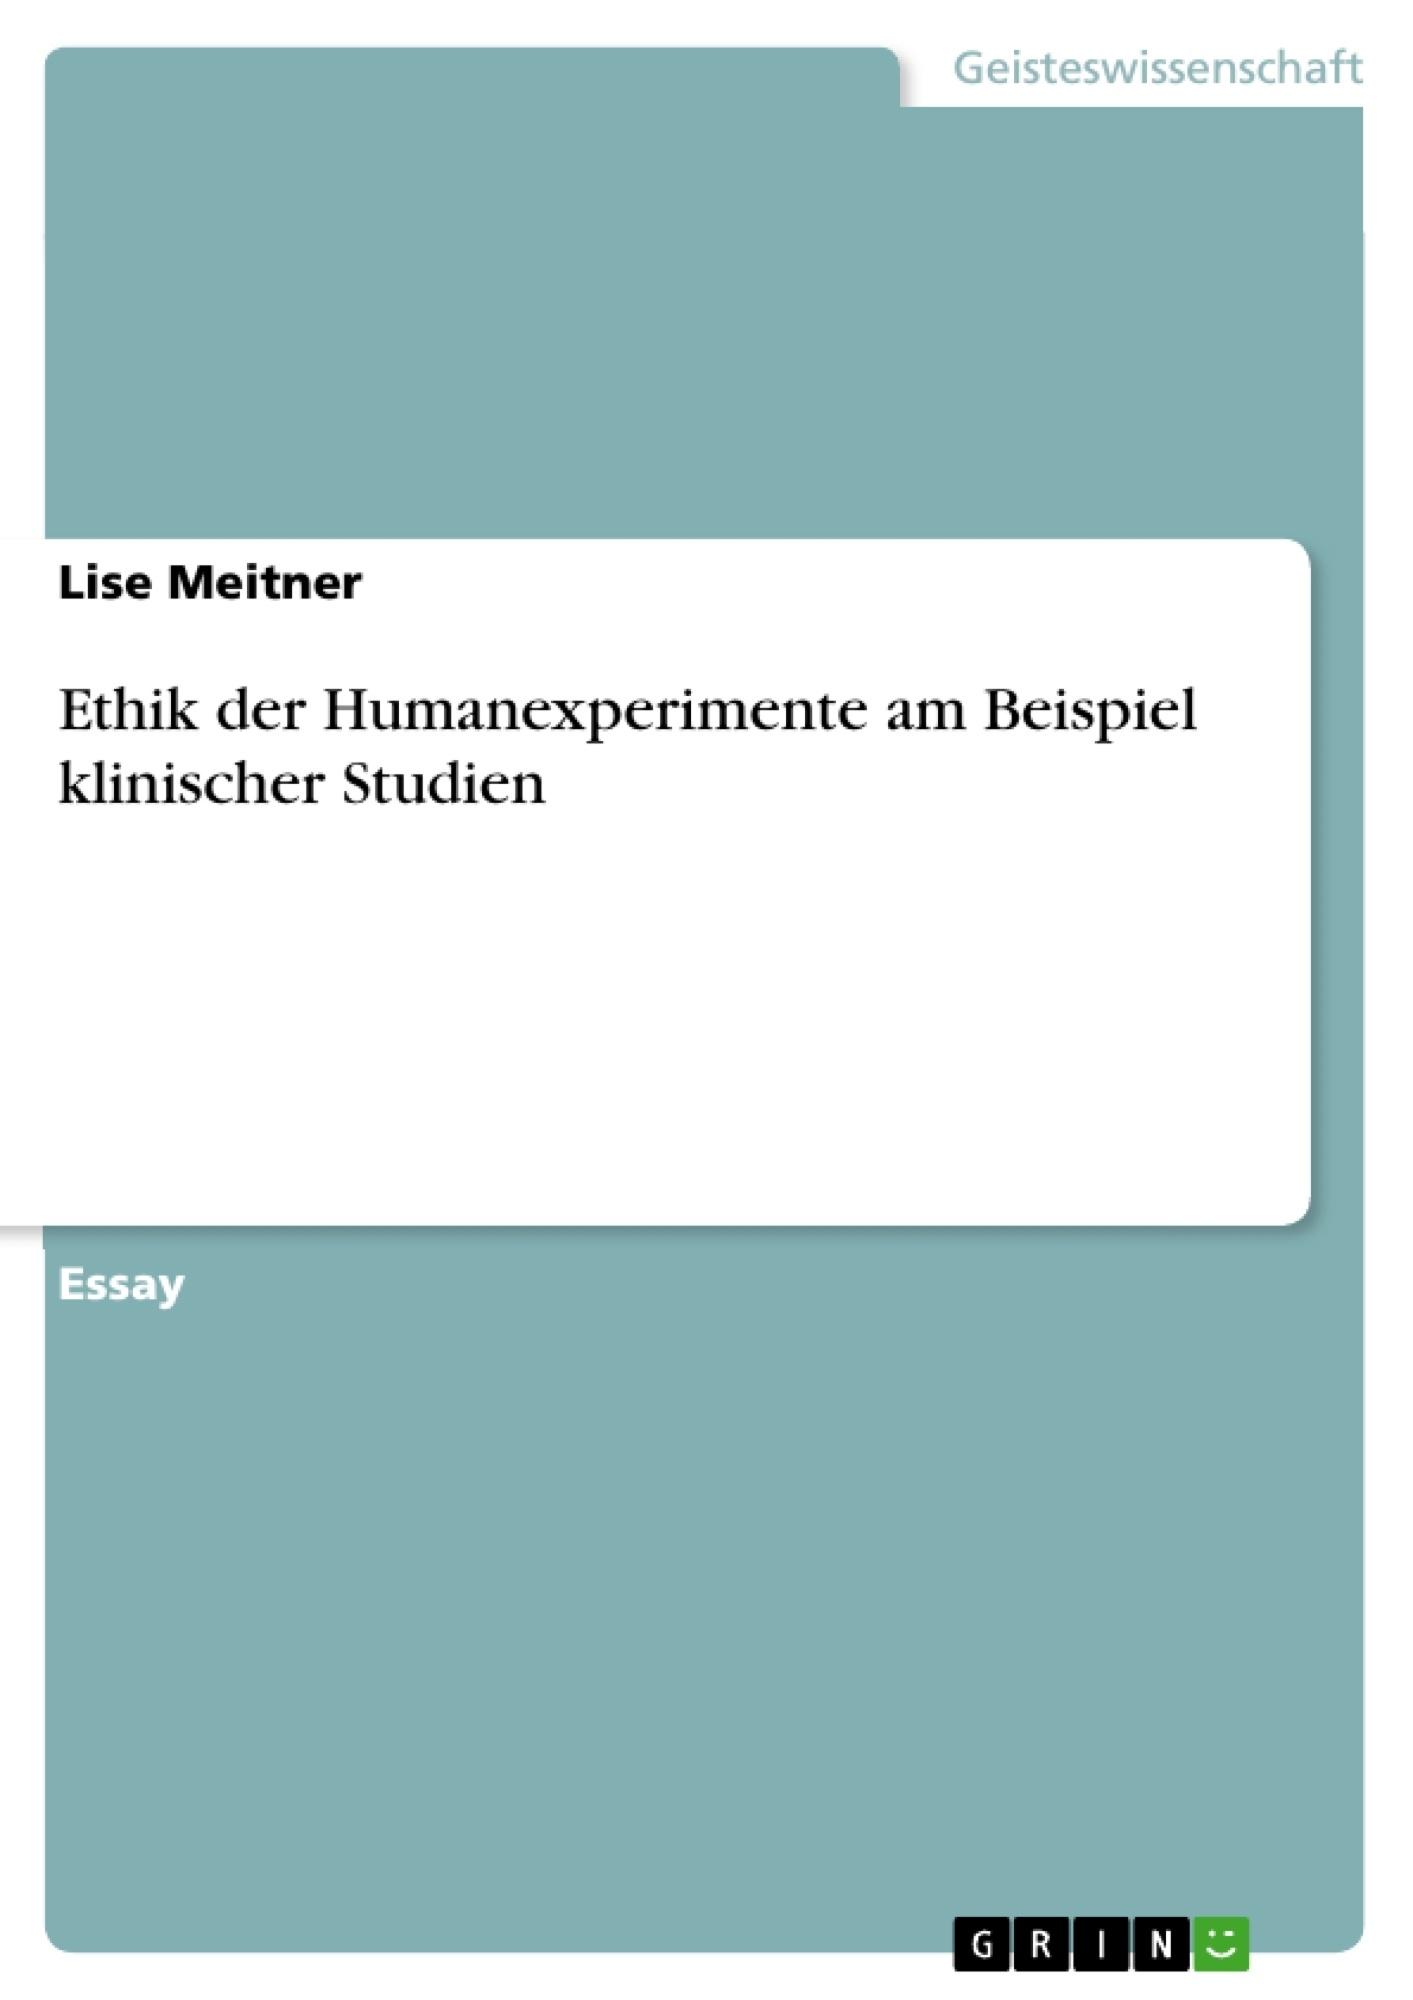 Titel: Ethik der Humanexperimente am Beispiel klinischer Studien